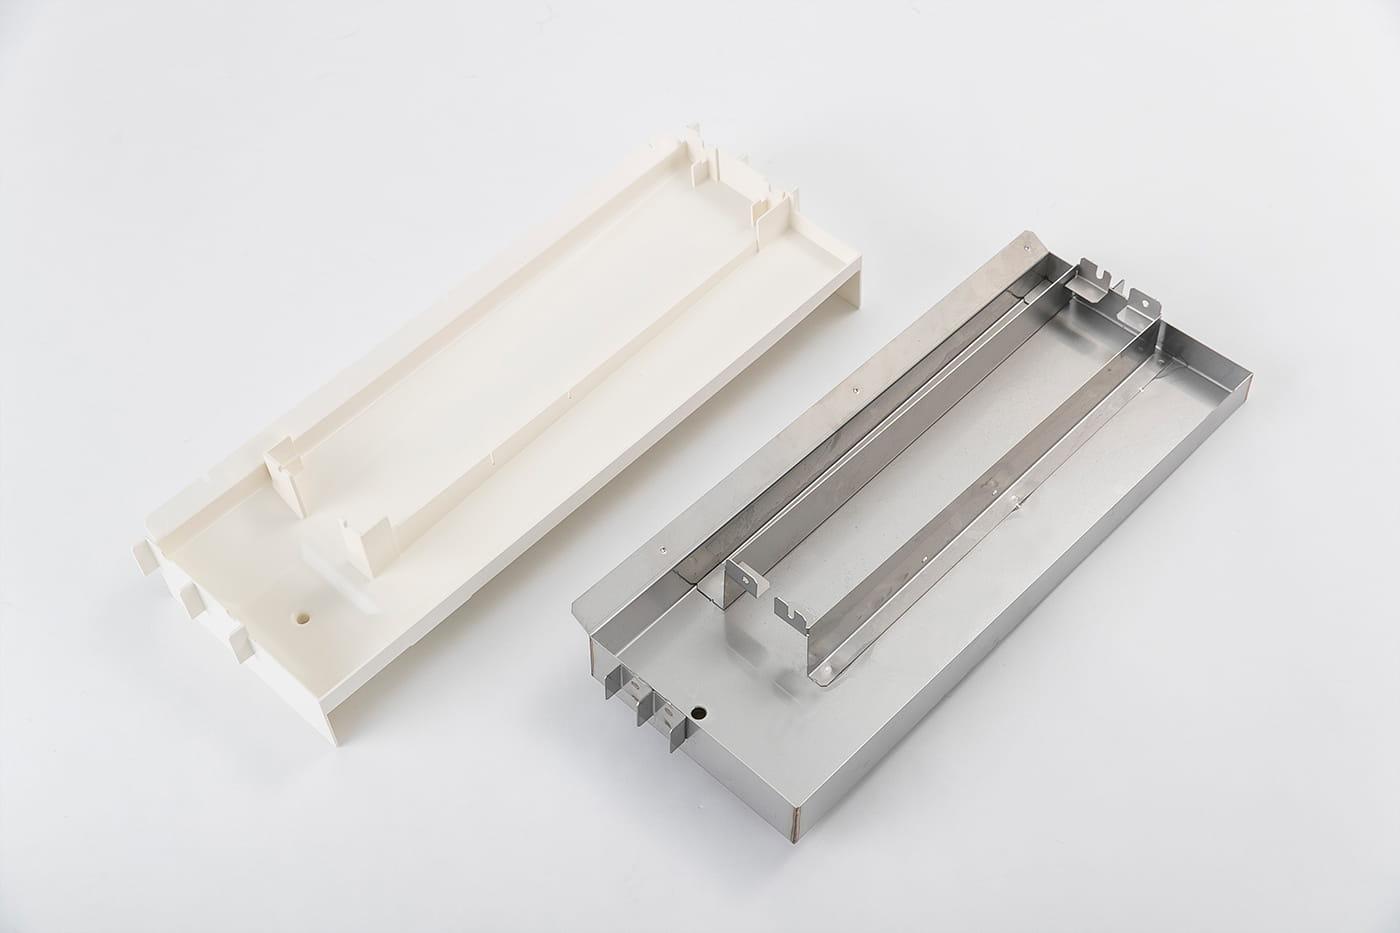 ステンレス部品を樹脂部品にリプレイス。